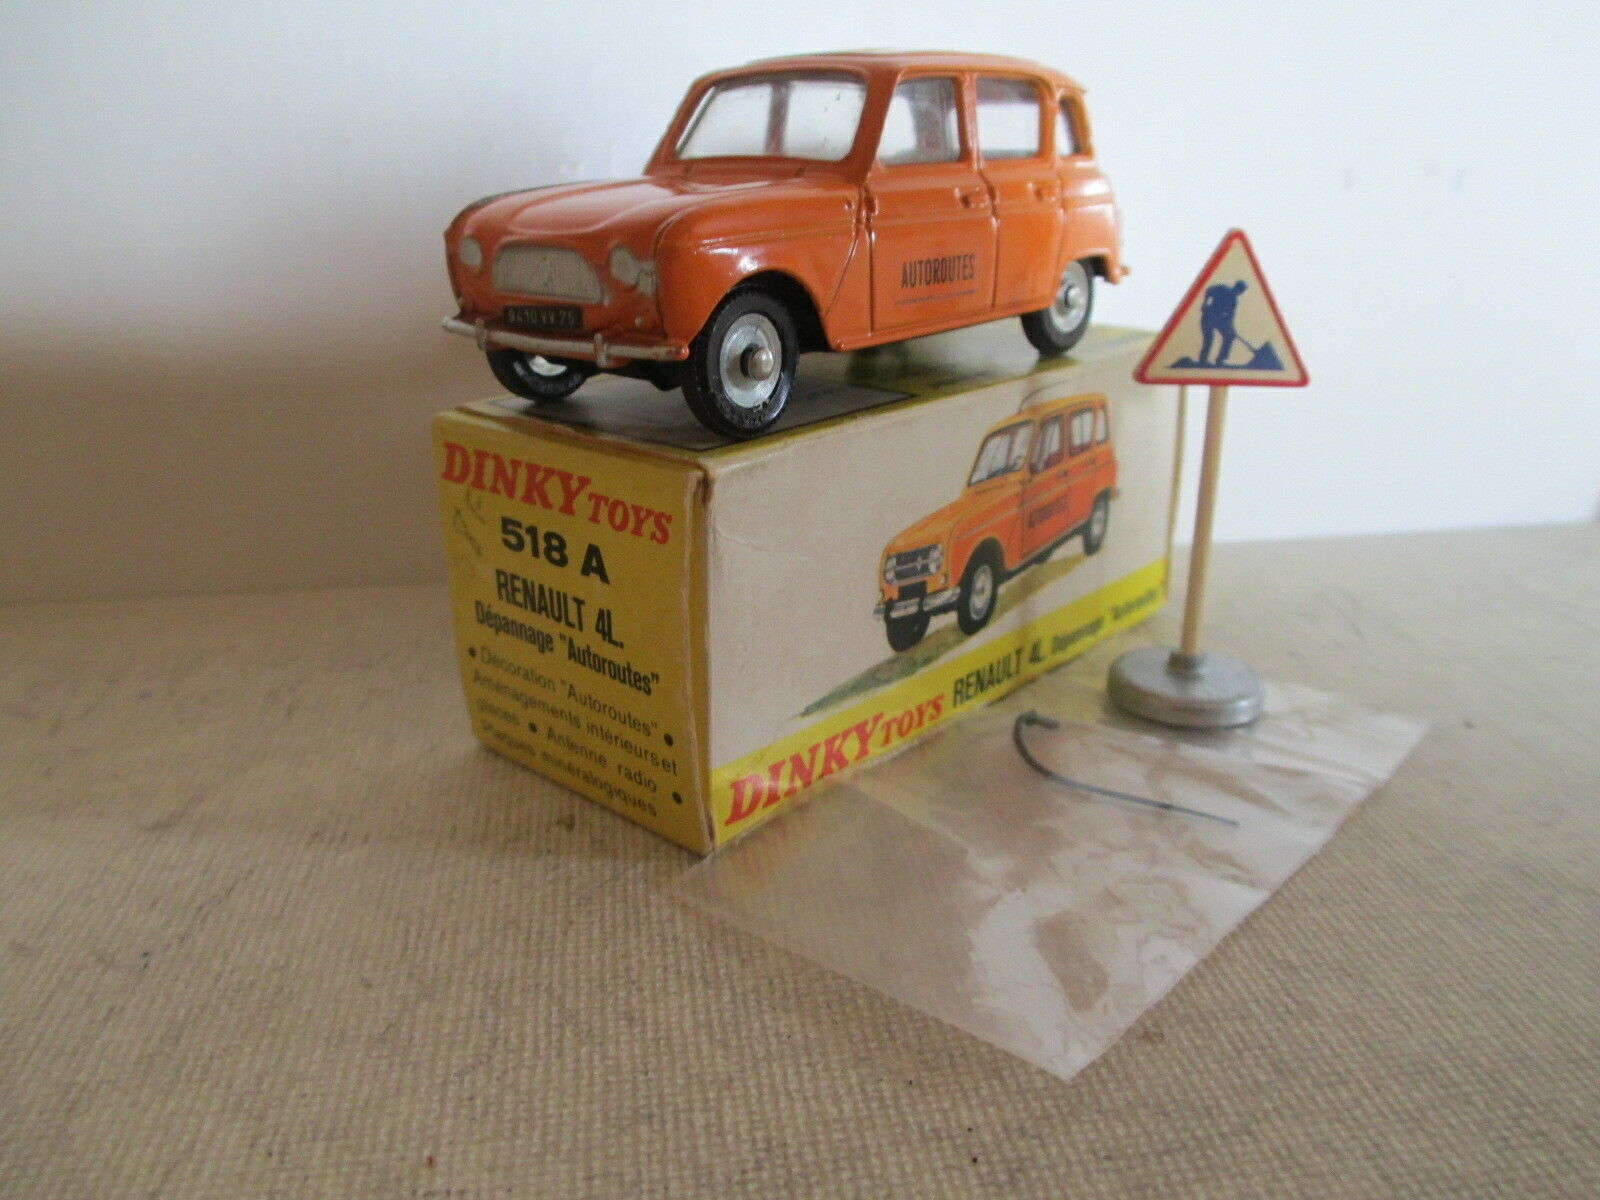 Dinky 518 a Renault 4L R9, cajas raras, muy bonitas.